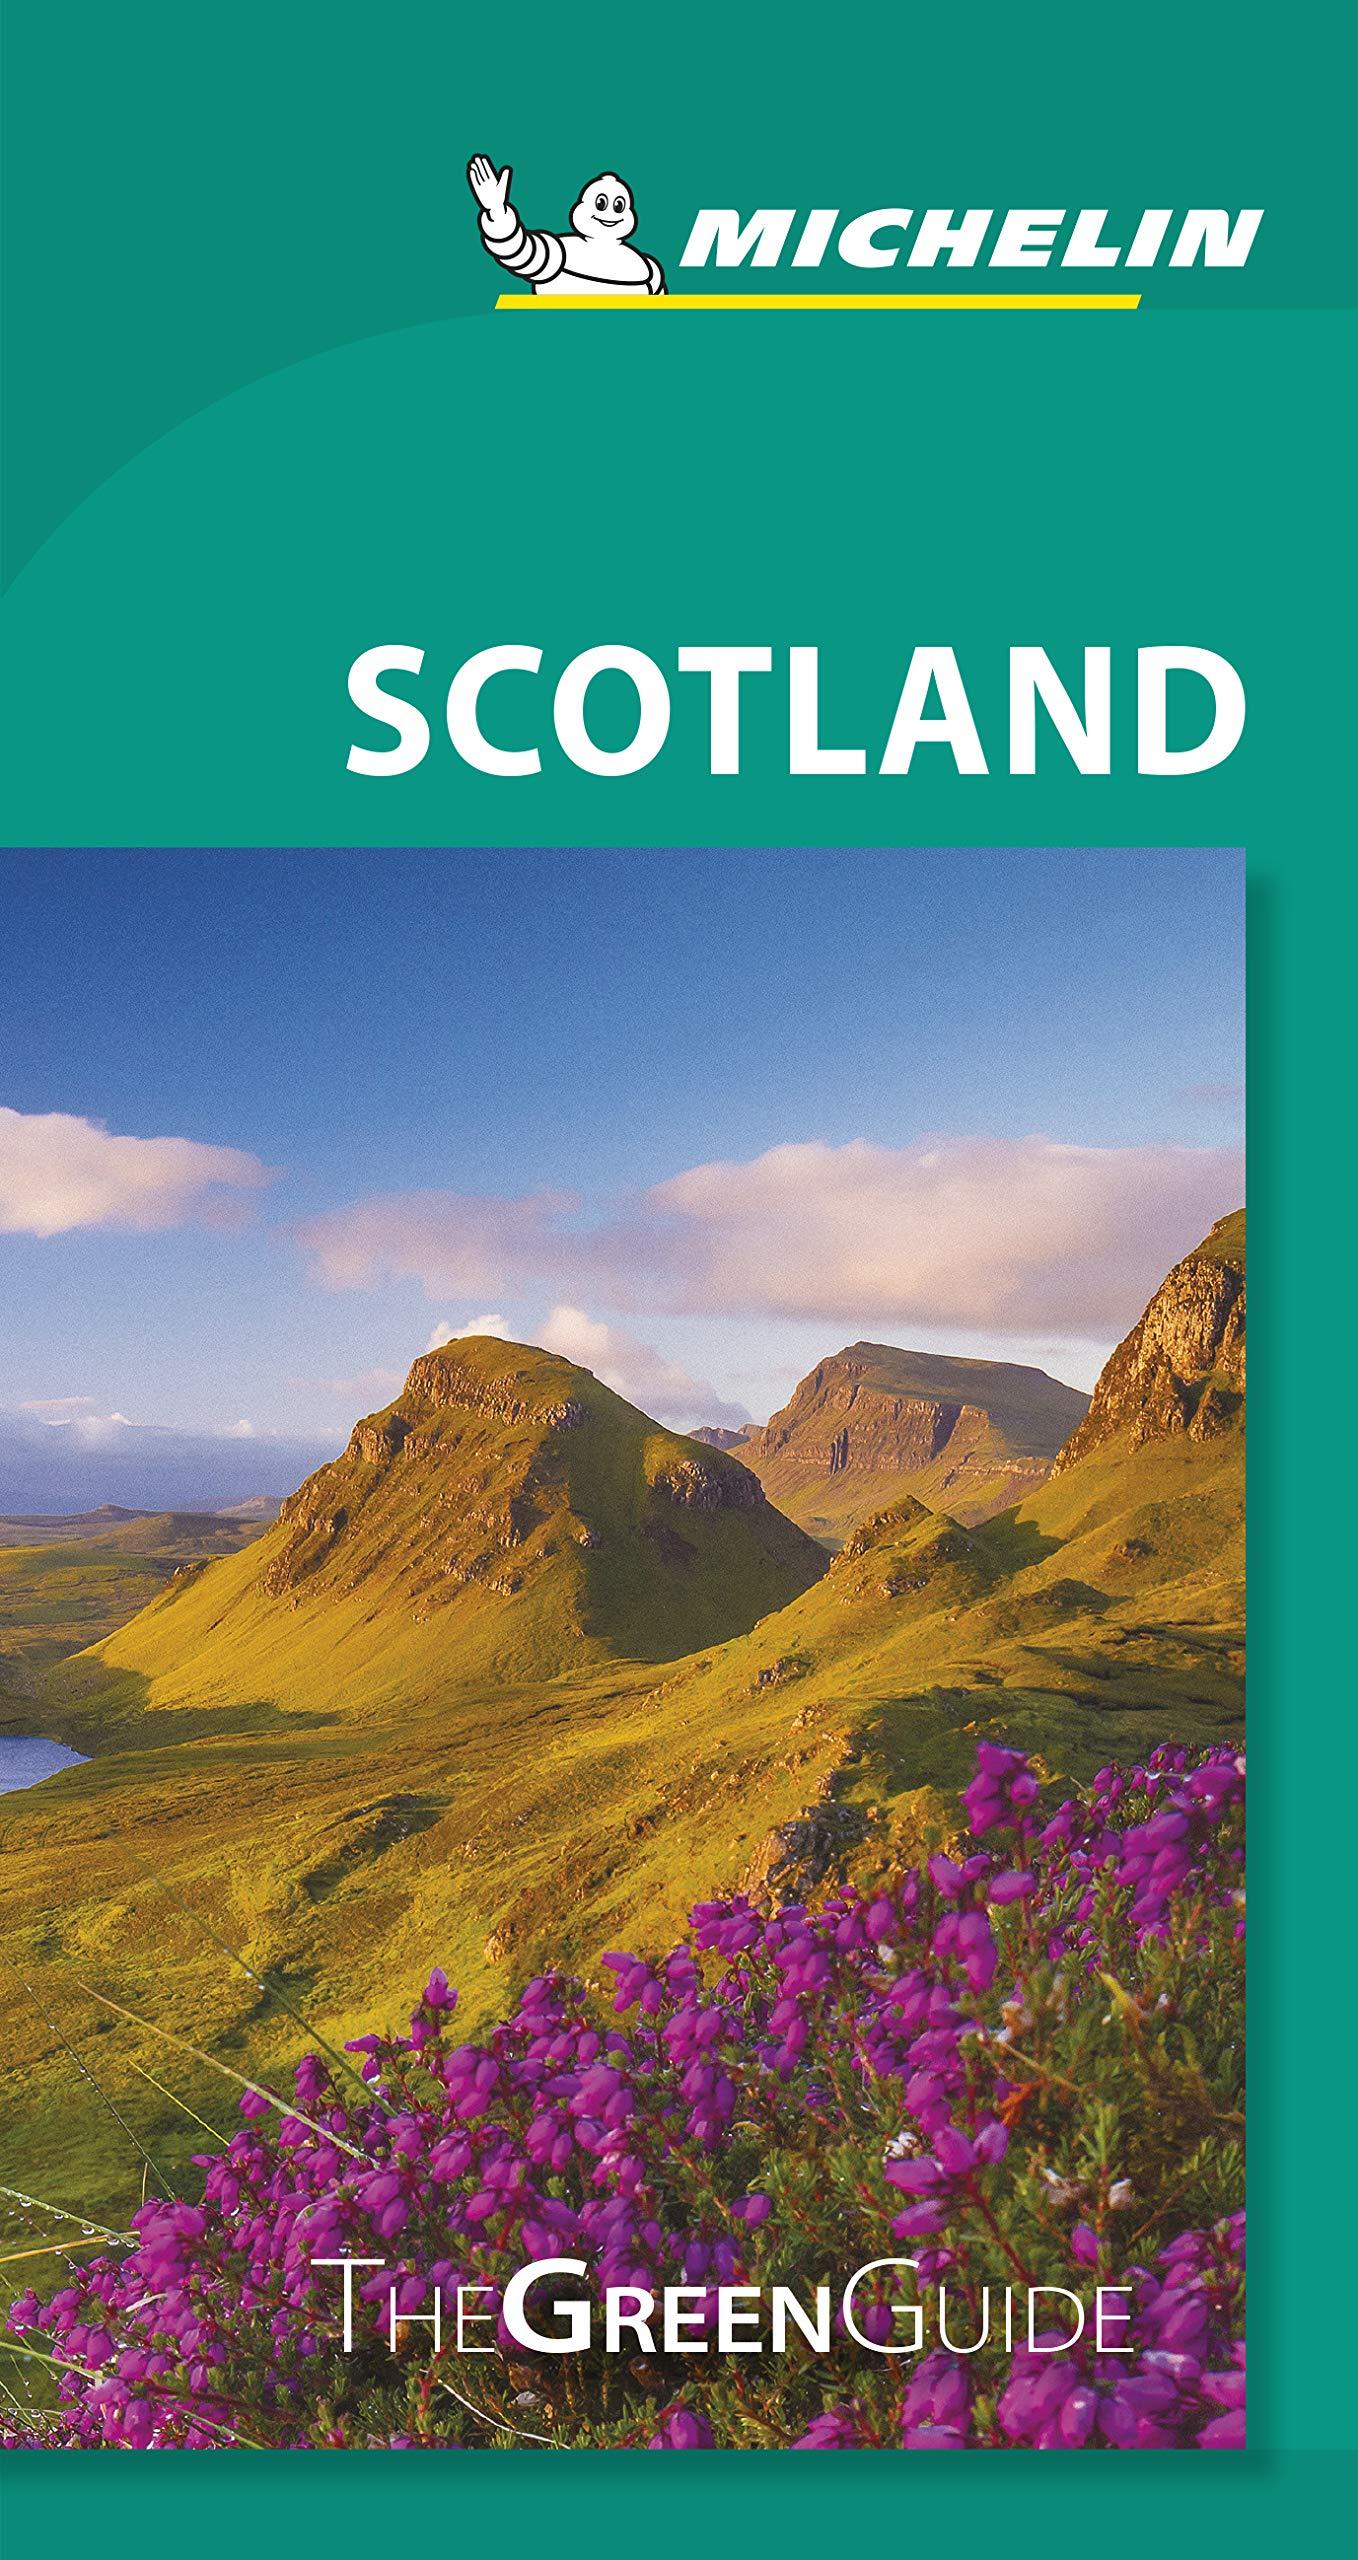 מדריך סקוטלנד מישלן המדריך הירוק